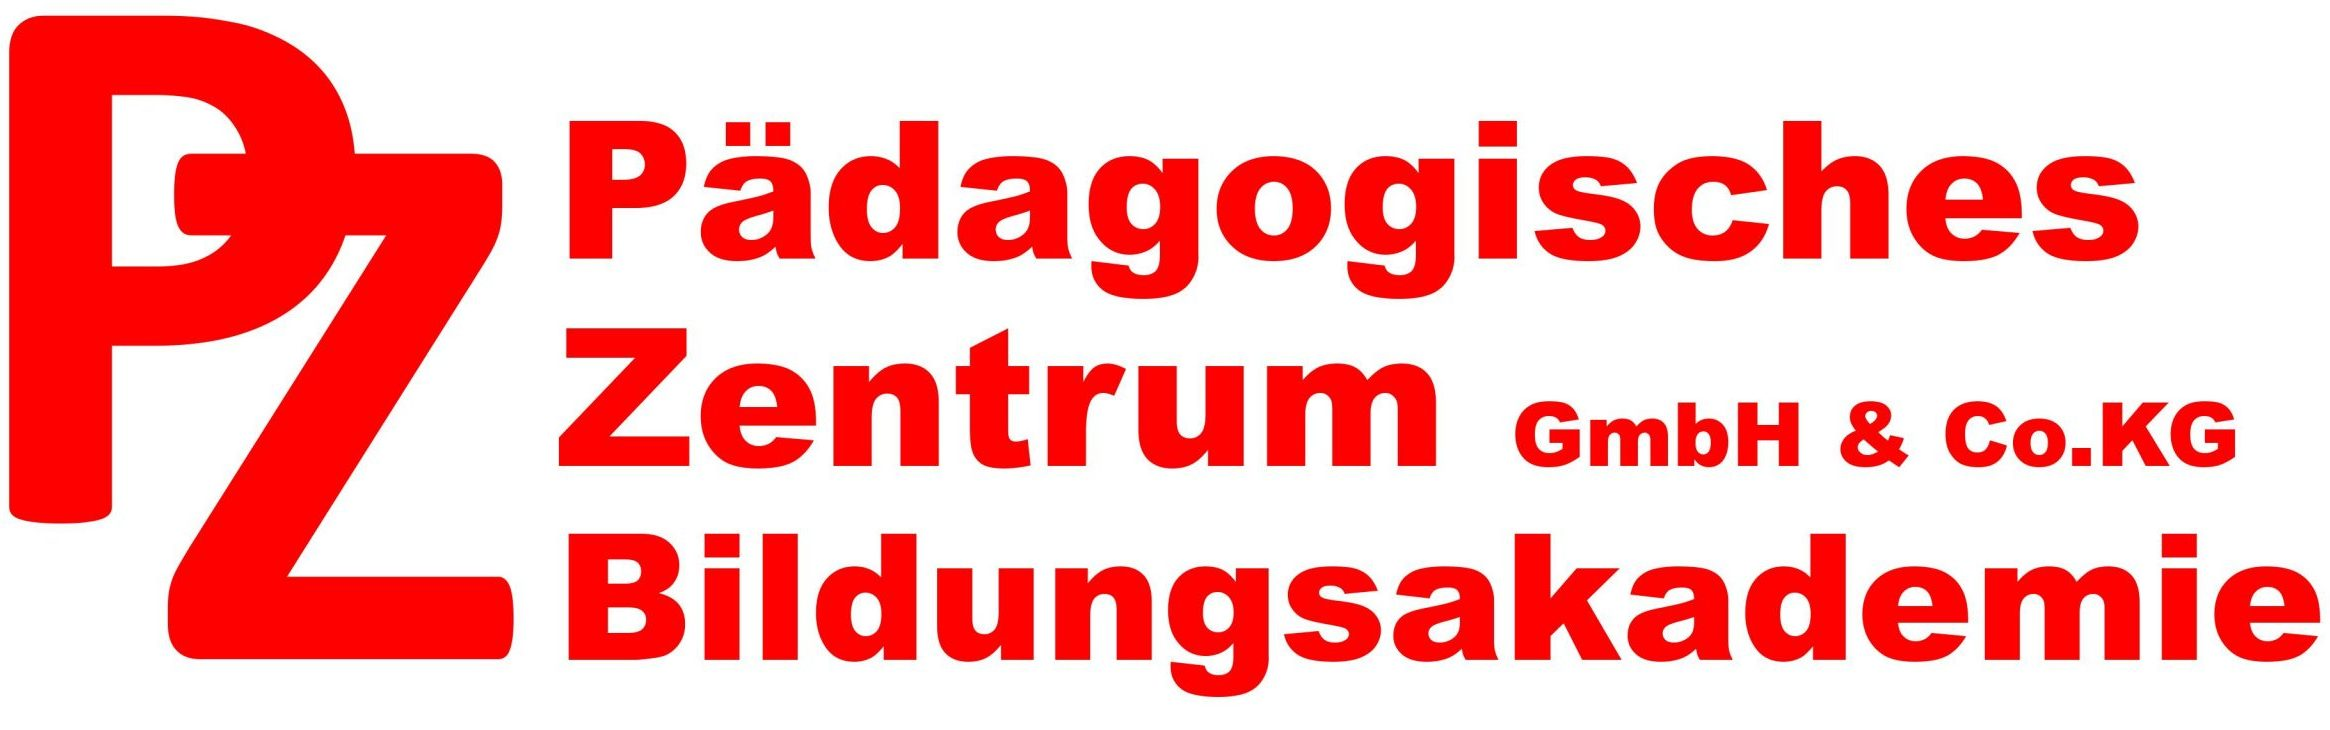 PZ Pädagogisches Zentrum GmbH & Co.KG